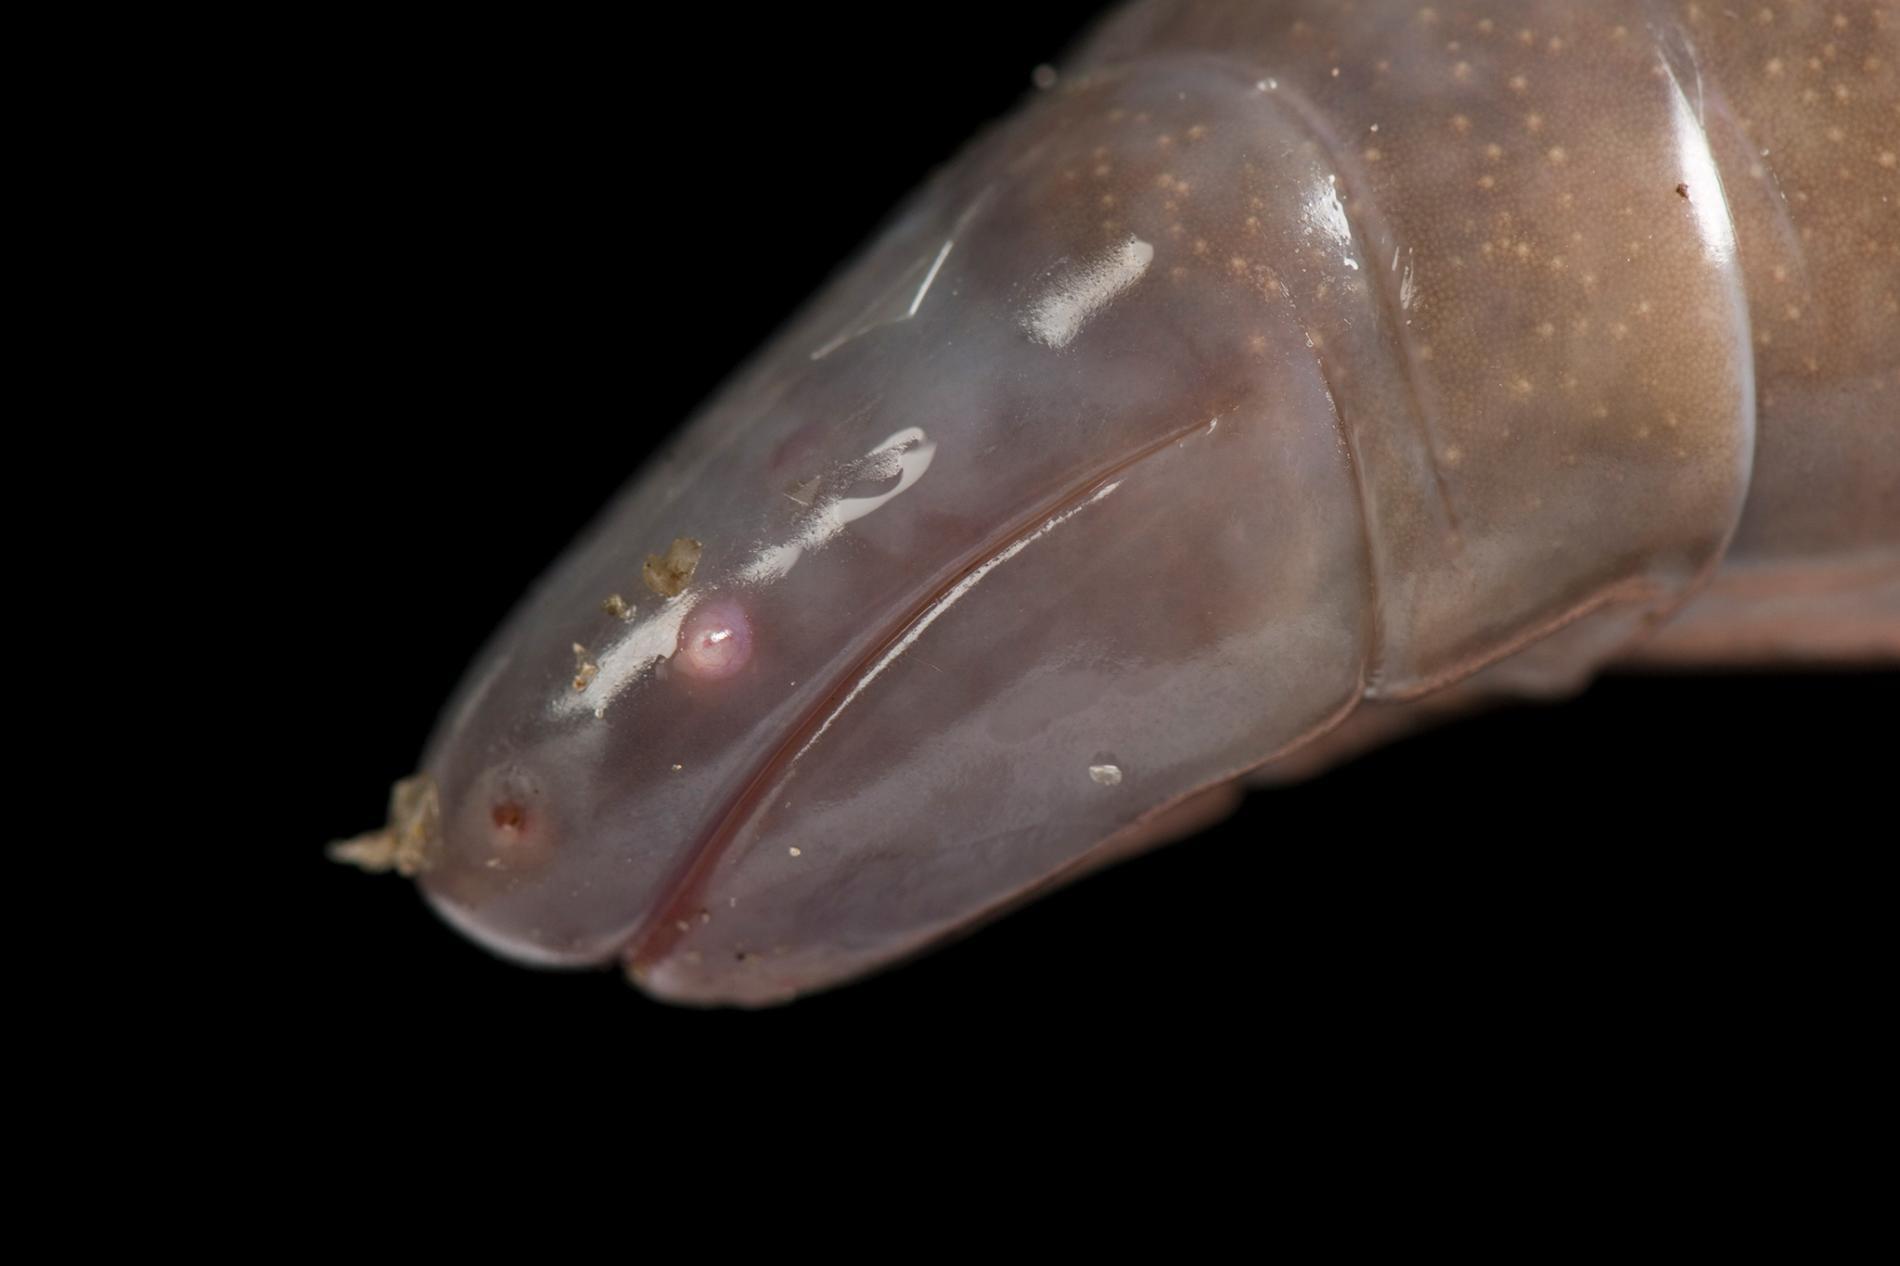 蚓螈是地下兩生類,已知有200種,而墨西哥蚓螈(Dermophis mexicanus,上圖是一隻飼養在密蘇里州聖路易斯動物園的個體)即為其中一種。PHOTOGRAPH BY JOEL SARTORE, NATIONAL GEOGRAPHIC PHOTO ARK